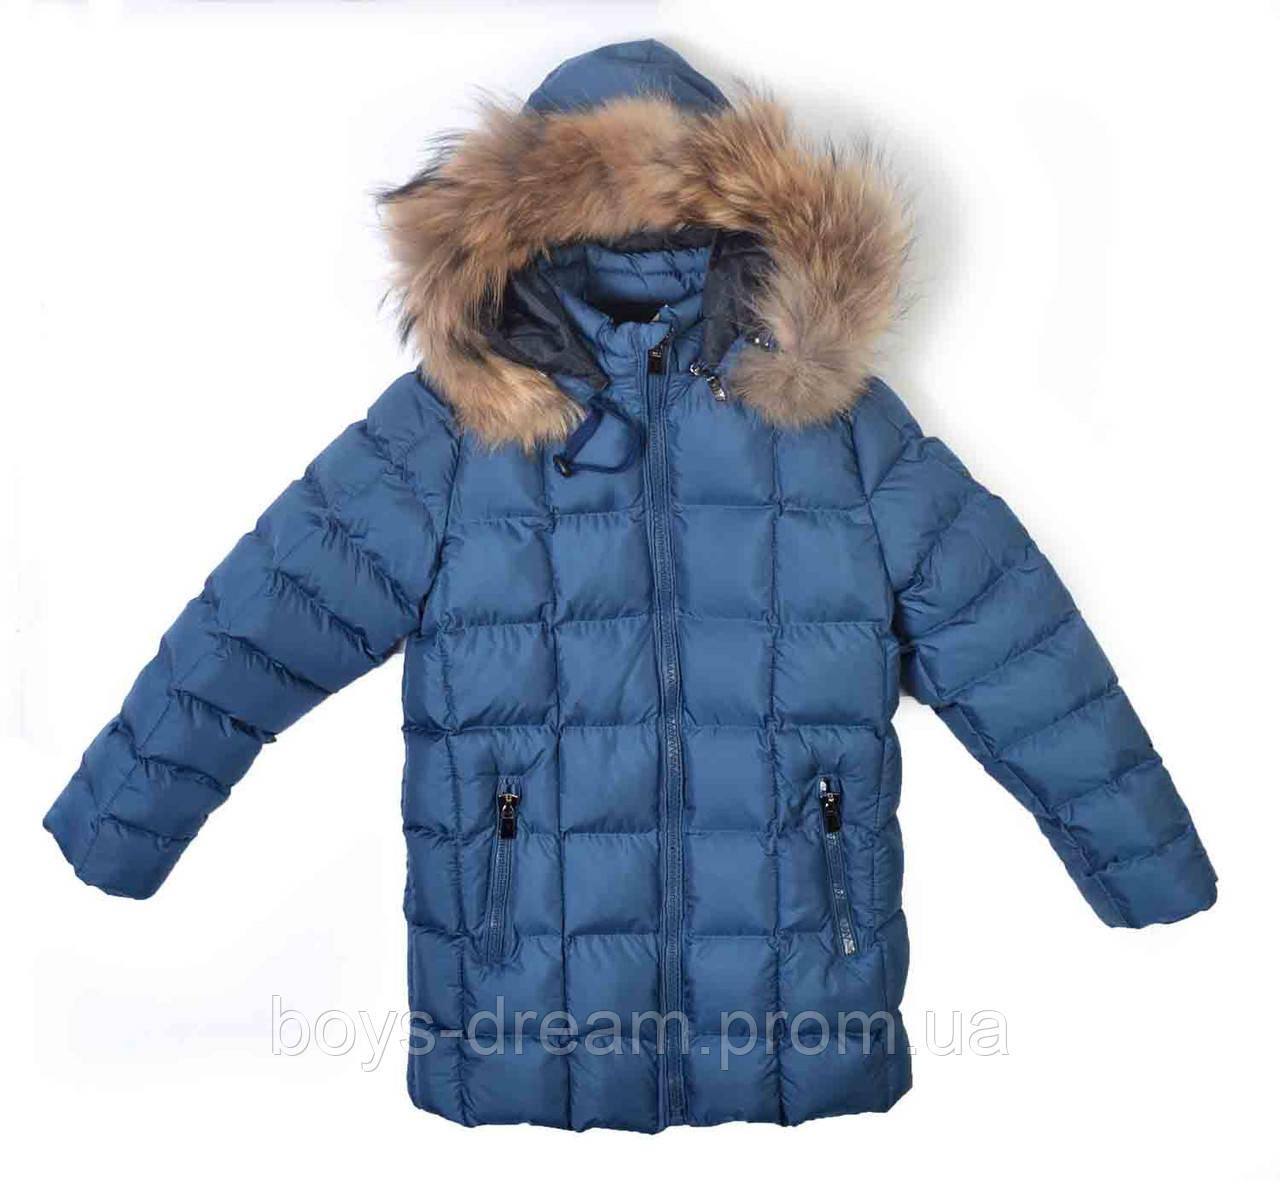 Зимняя куртка на мальчика 11-12 лет (152) Billionare